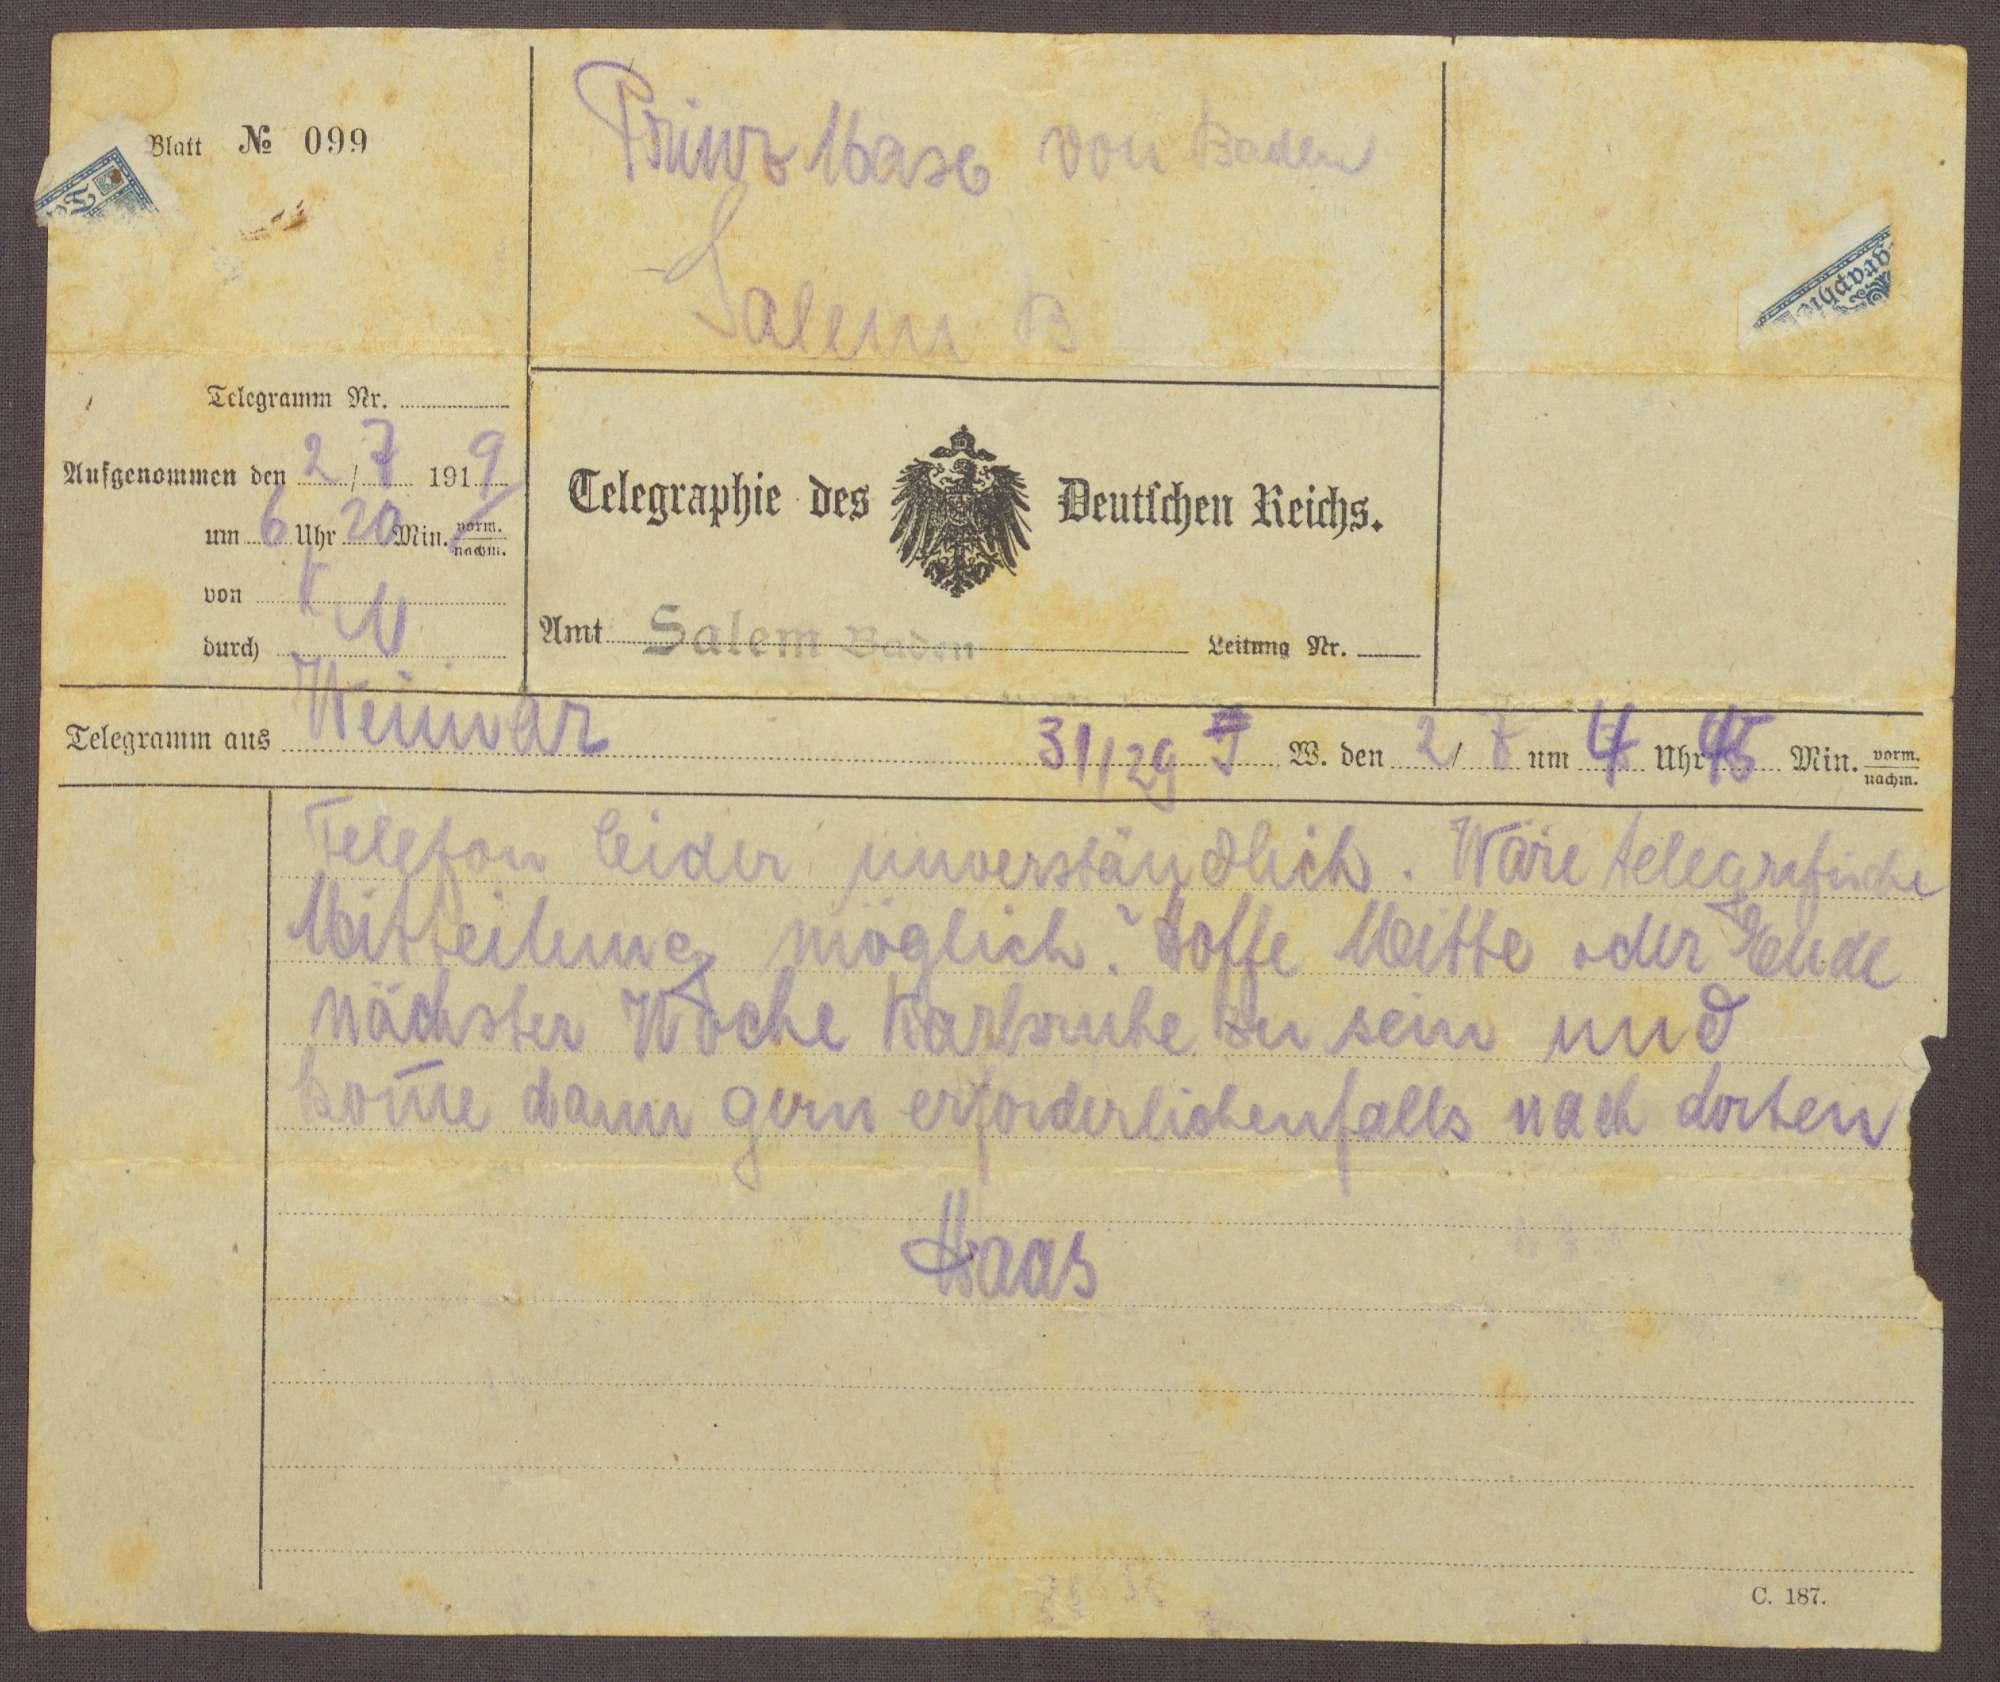 Schreiben von Kurt Hahn an Ludwig Haas; Bitte um schnelle Antwort auf einen vertraulichen Brief, Bild 2